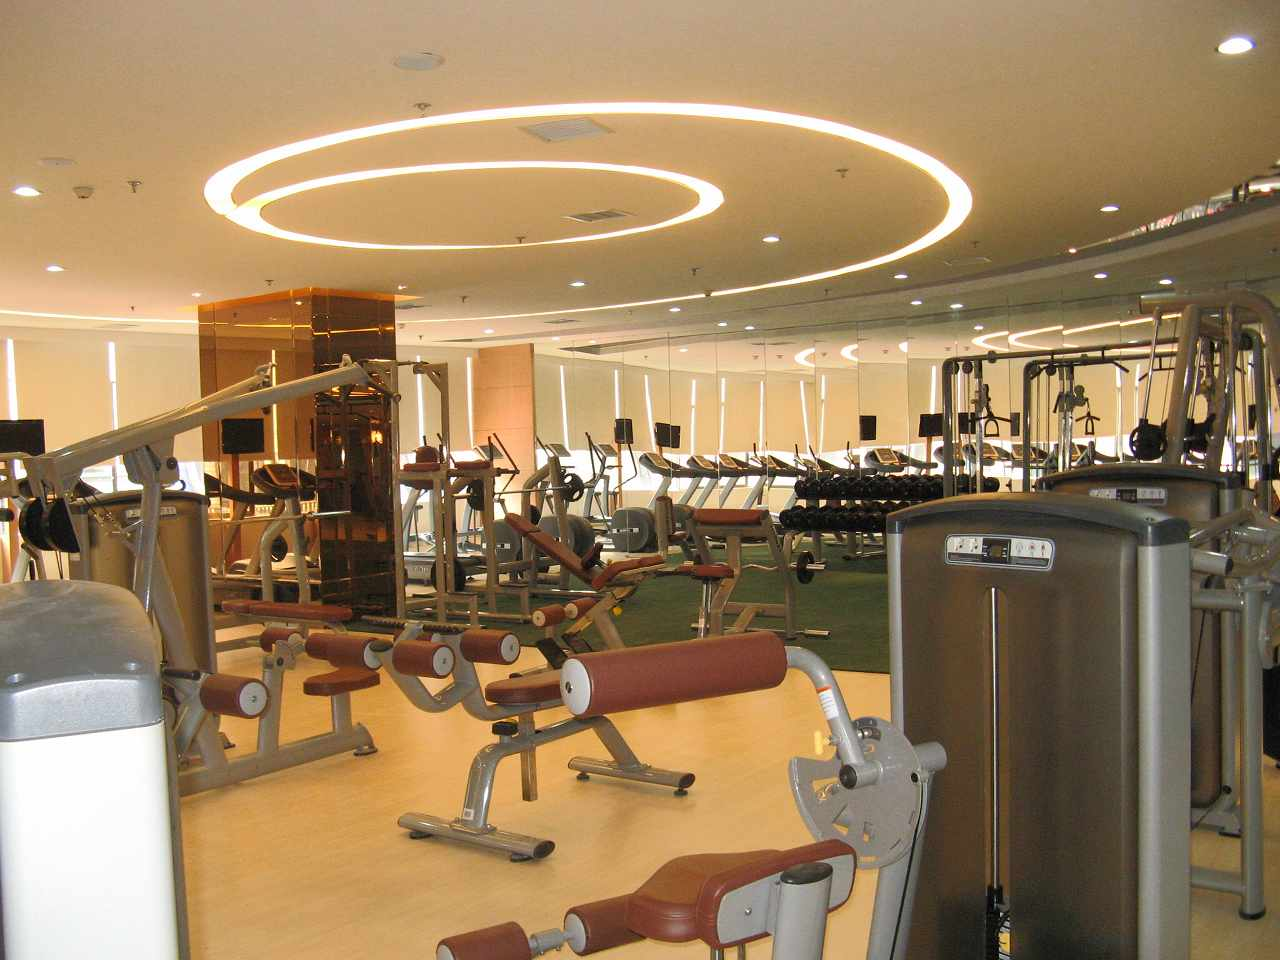 加盟一个健身房需要多少费用